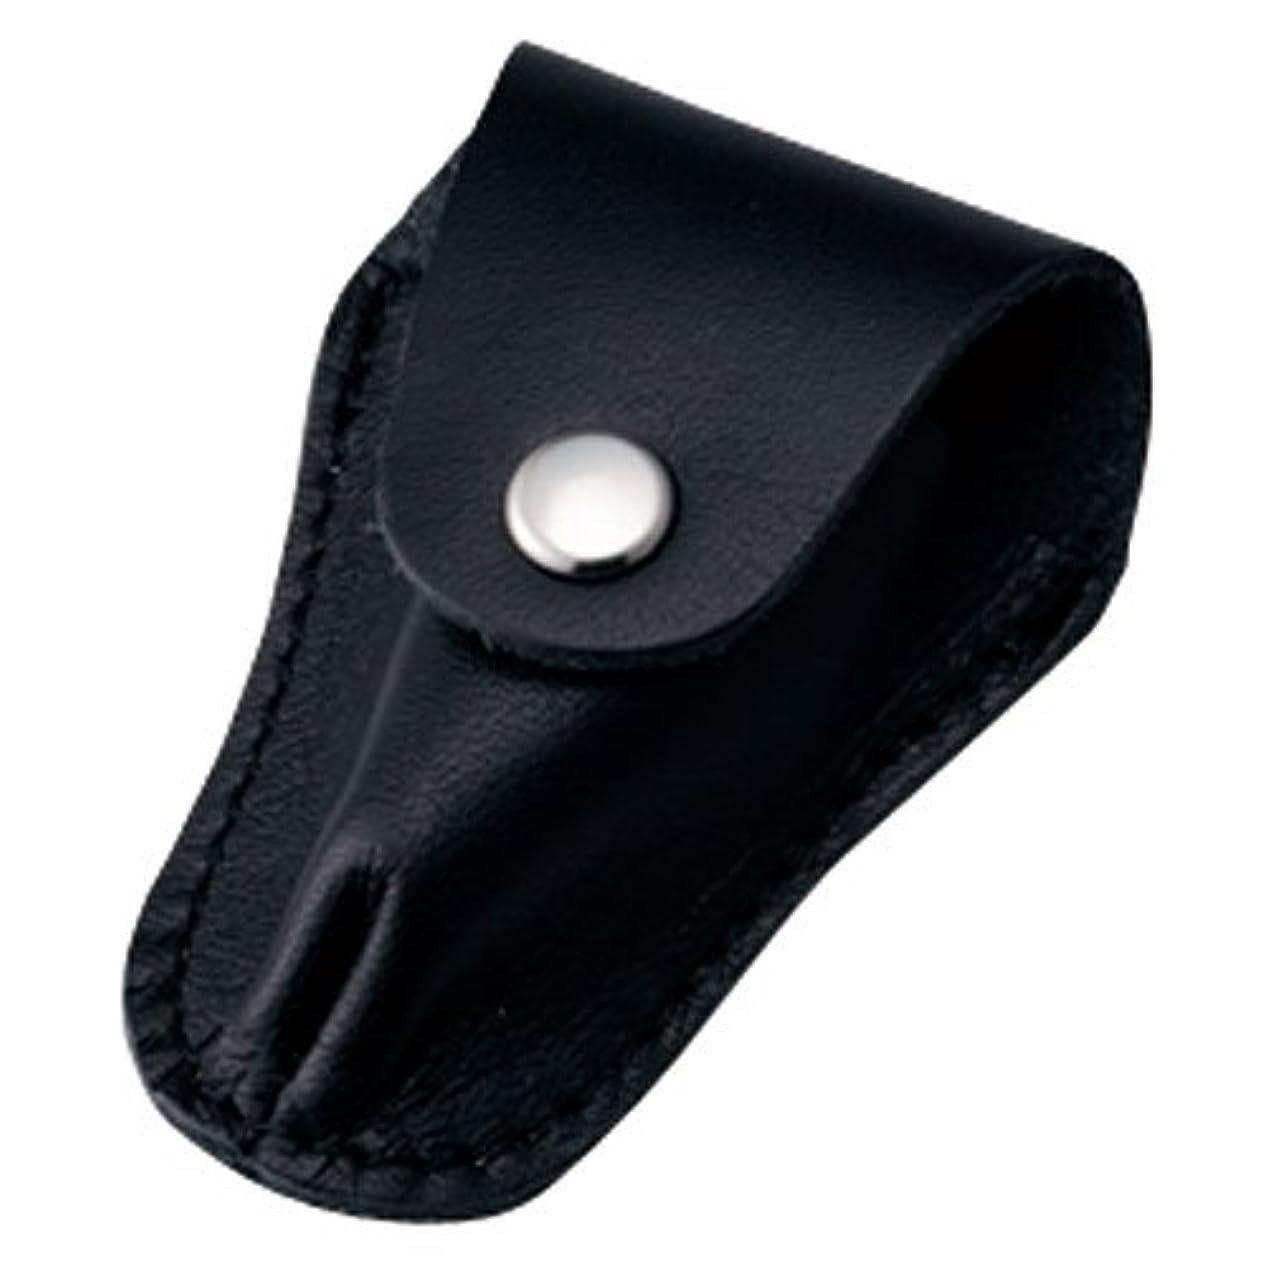 引き受ける津波秋内海 ニッパーキャップL ブラック 本革製のキューティクルニッパー用刃先カバー